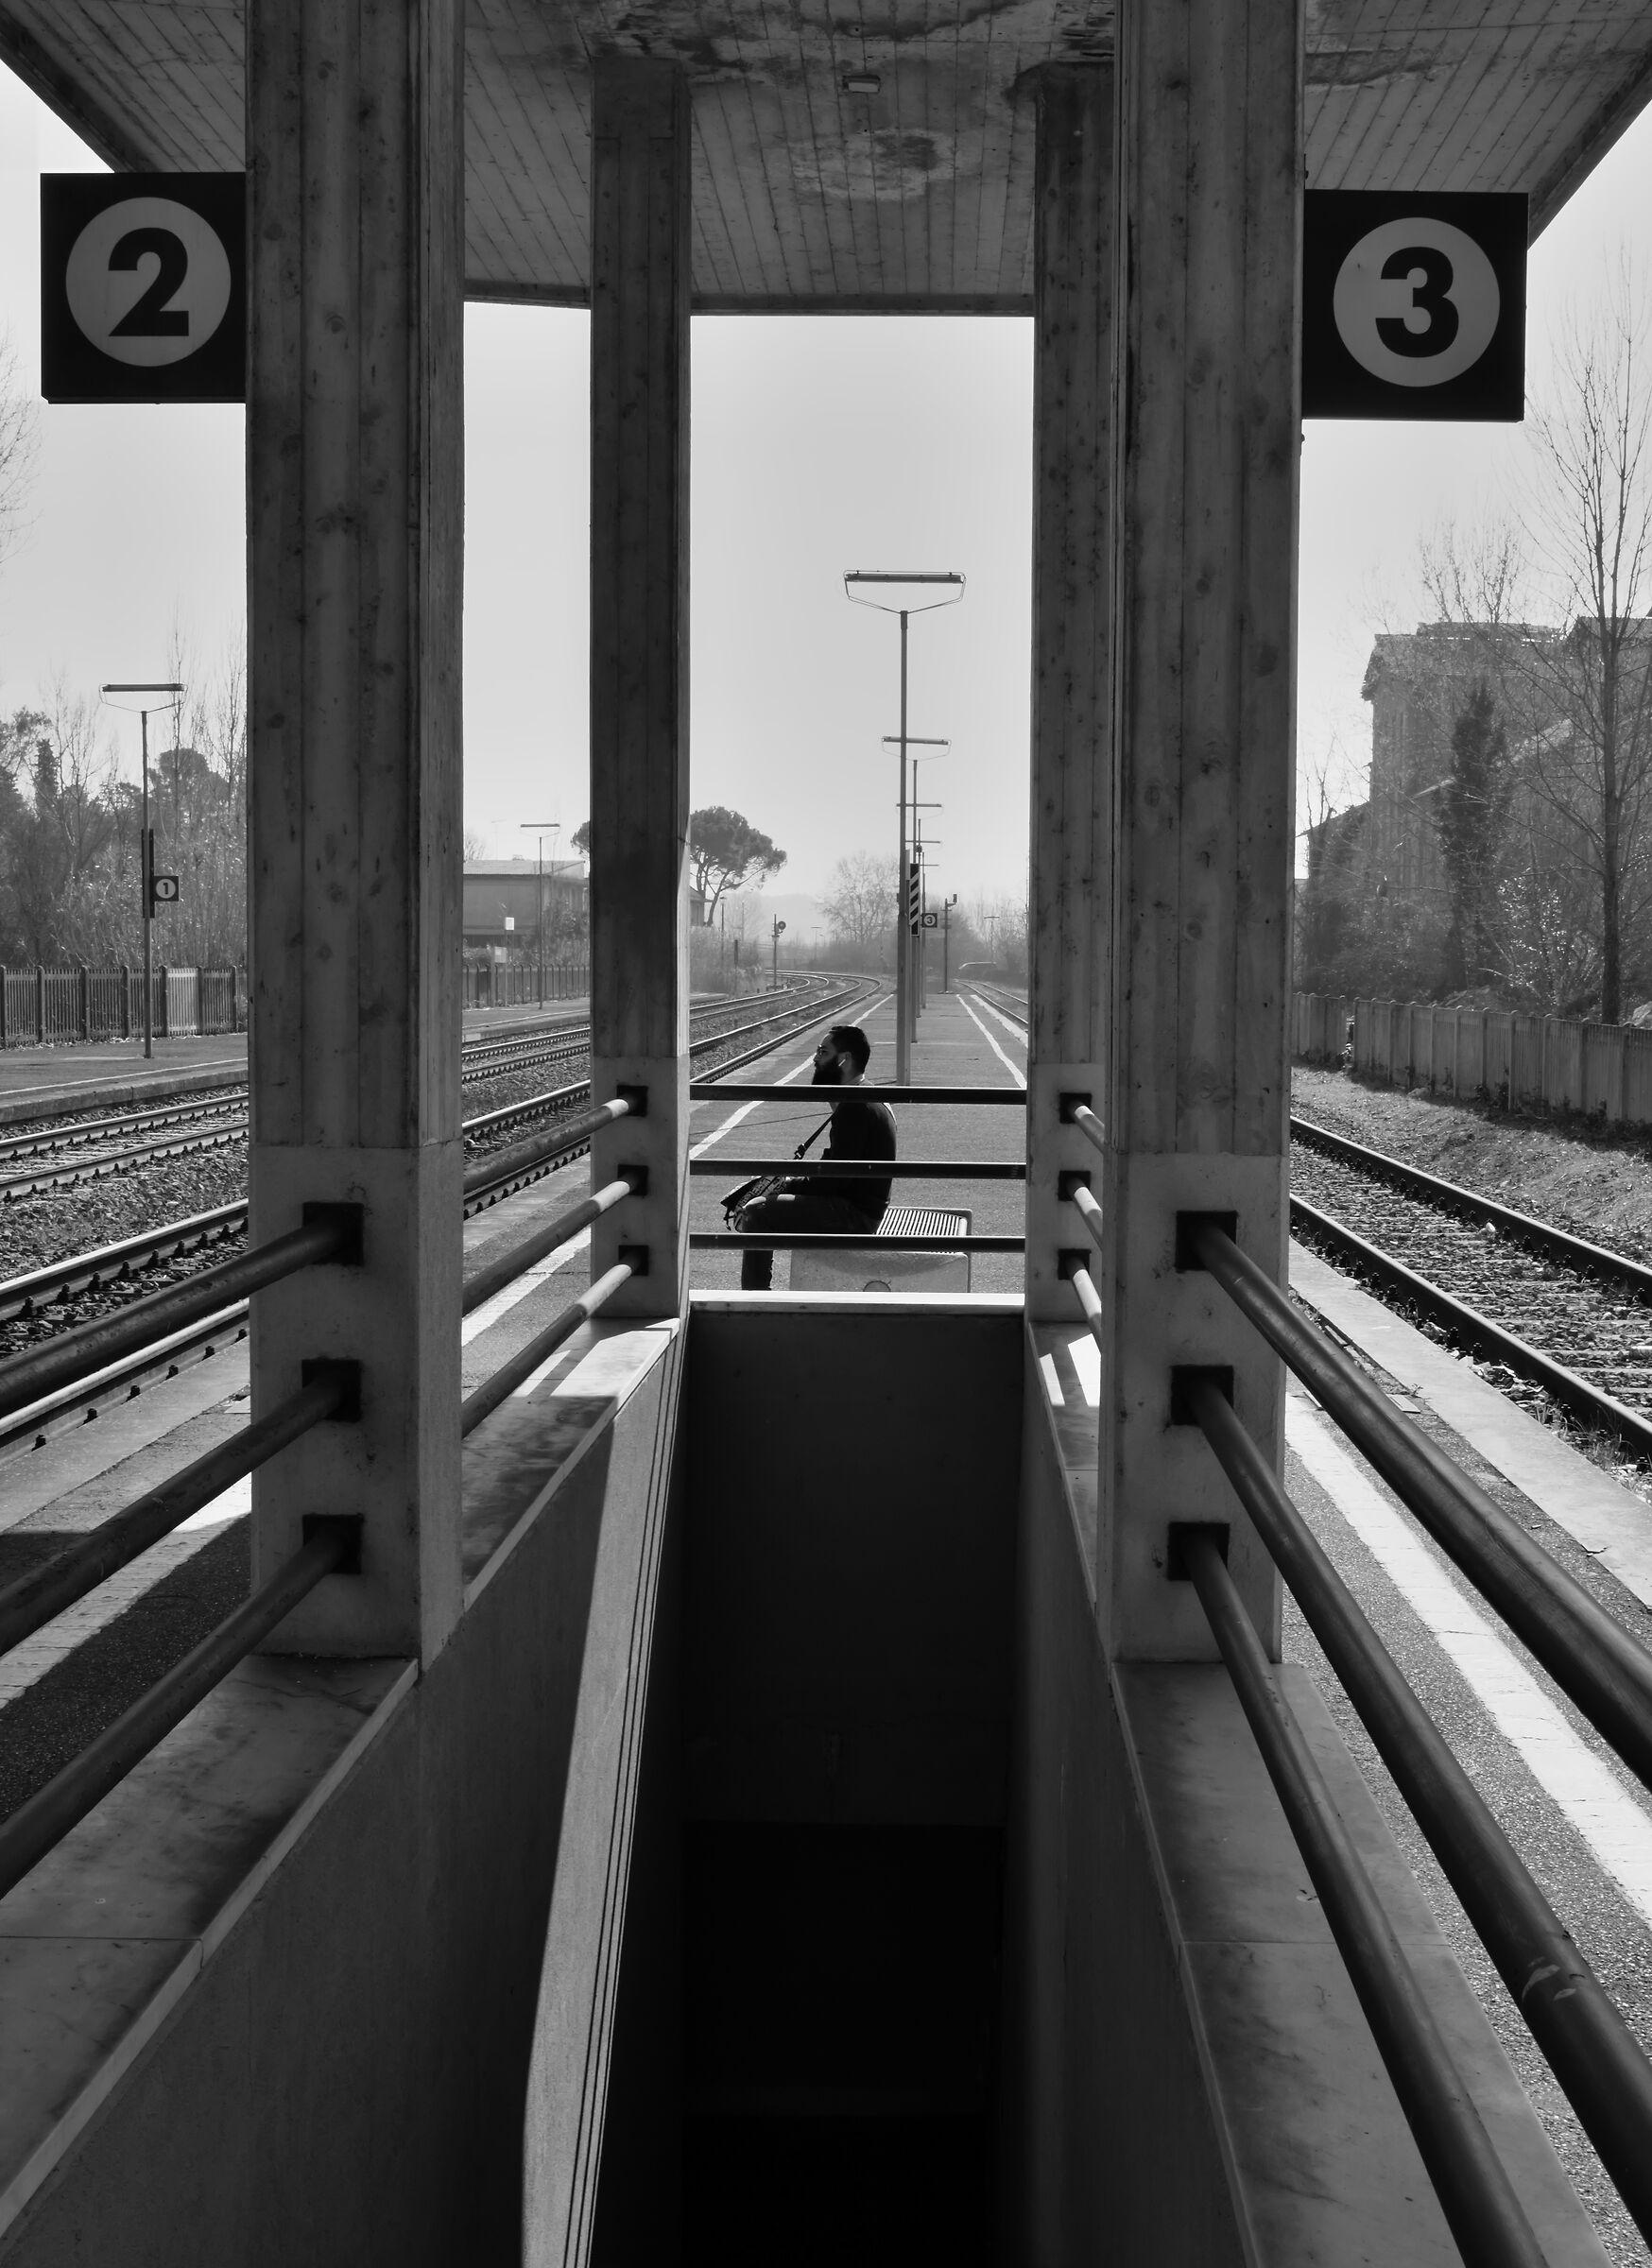 Appuntamento col treno...